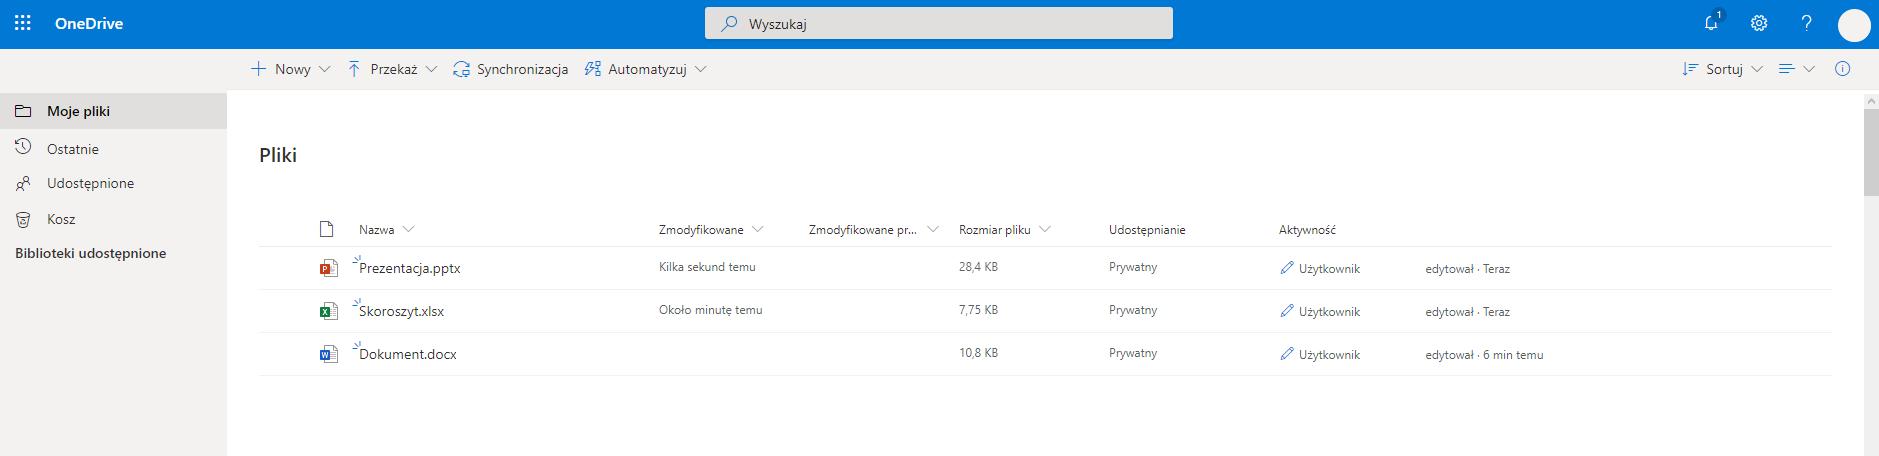 Podstawowe informacje o obsłudze usługi OneDrive